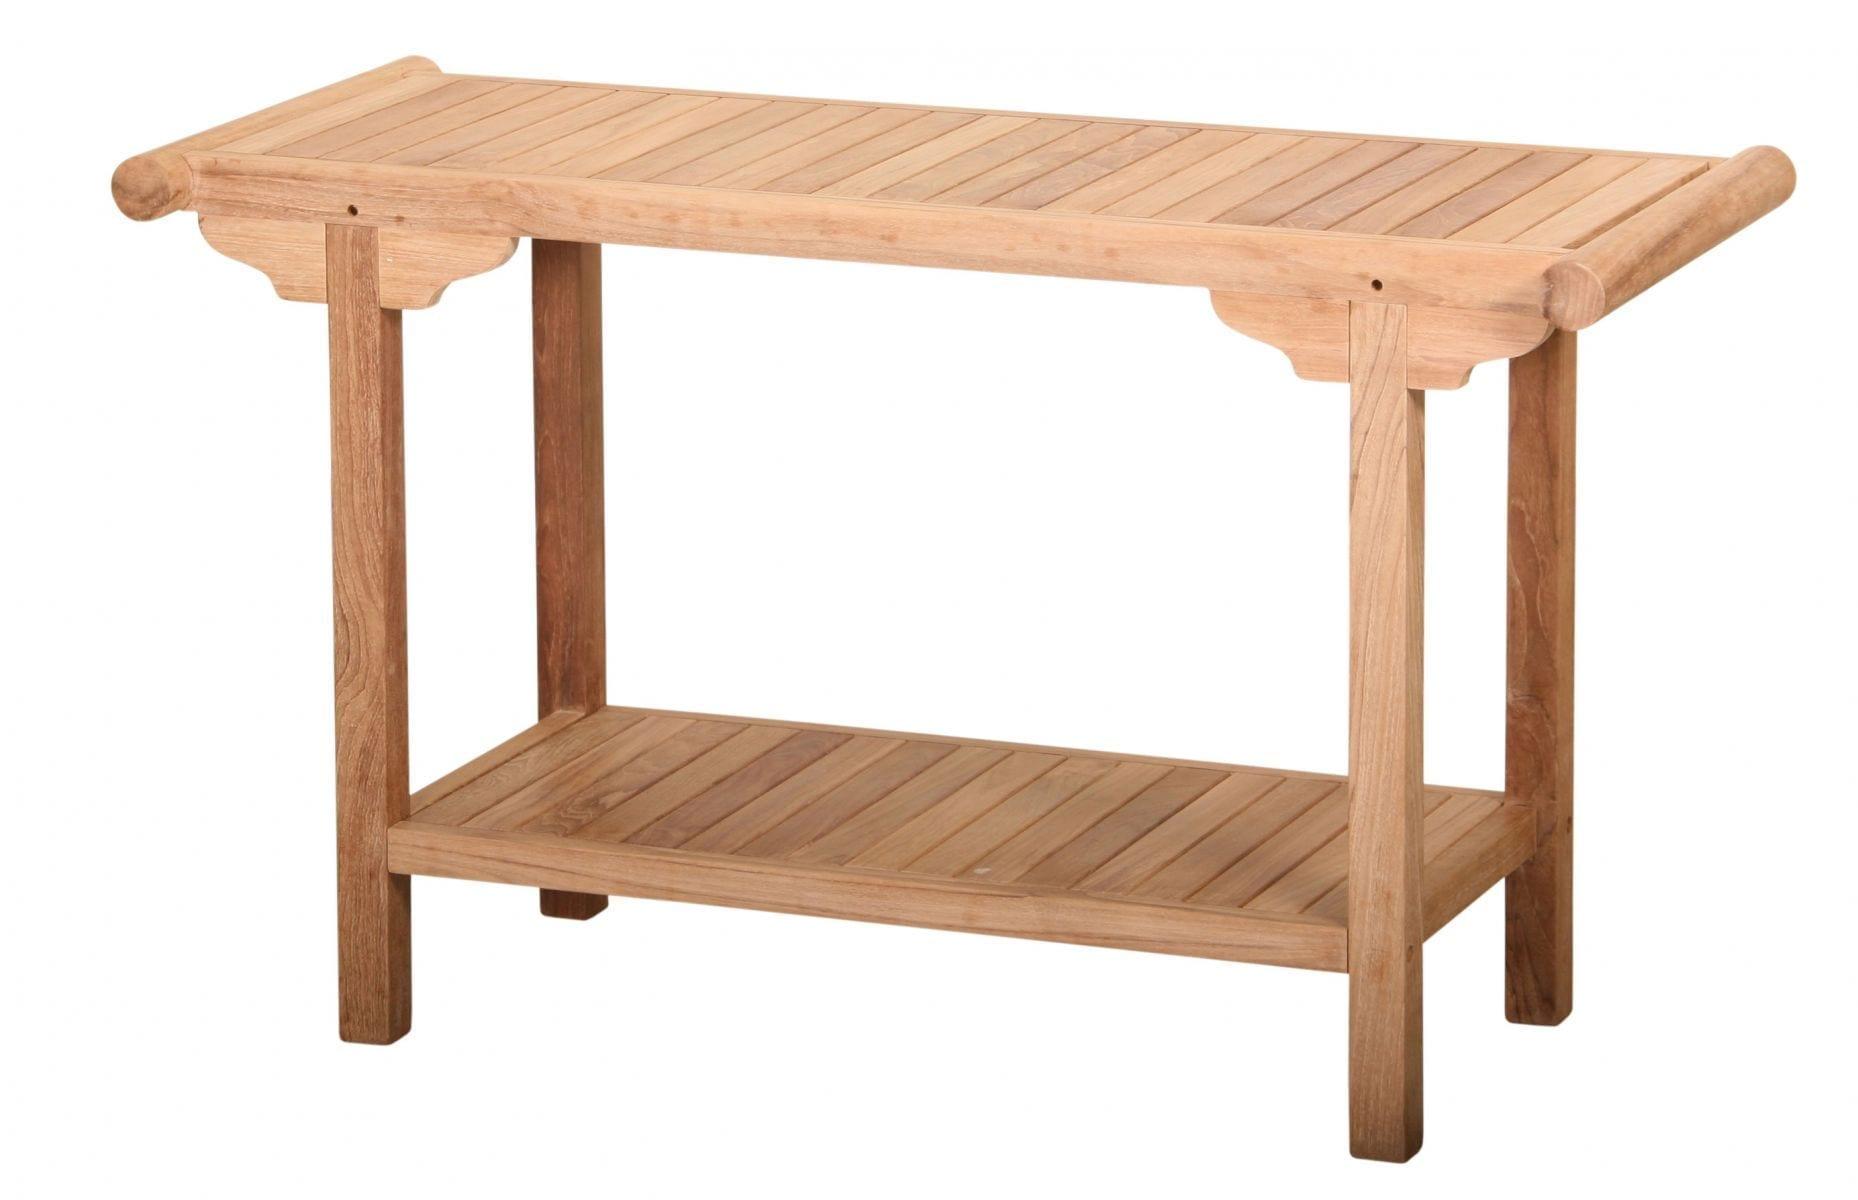 utemöbler teakmöbler Lutyens bord dubai loungemöbler för trädgården